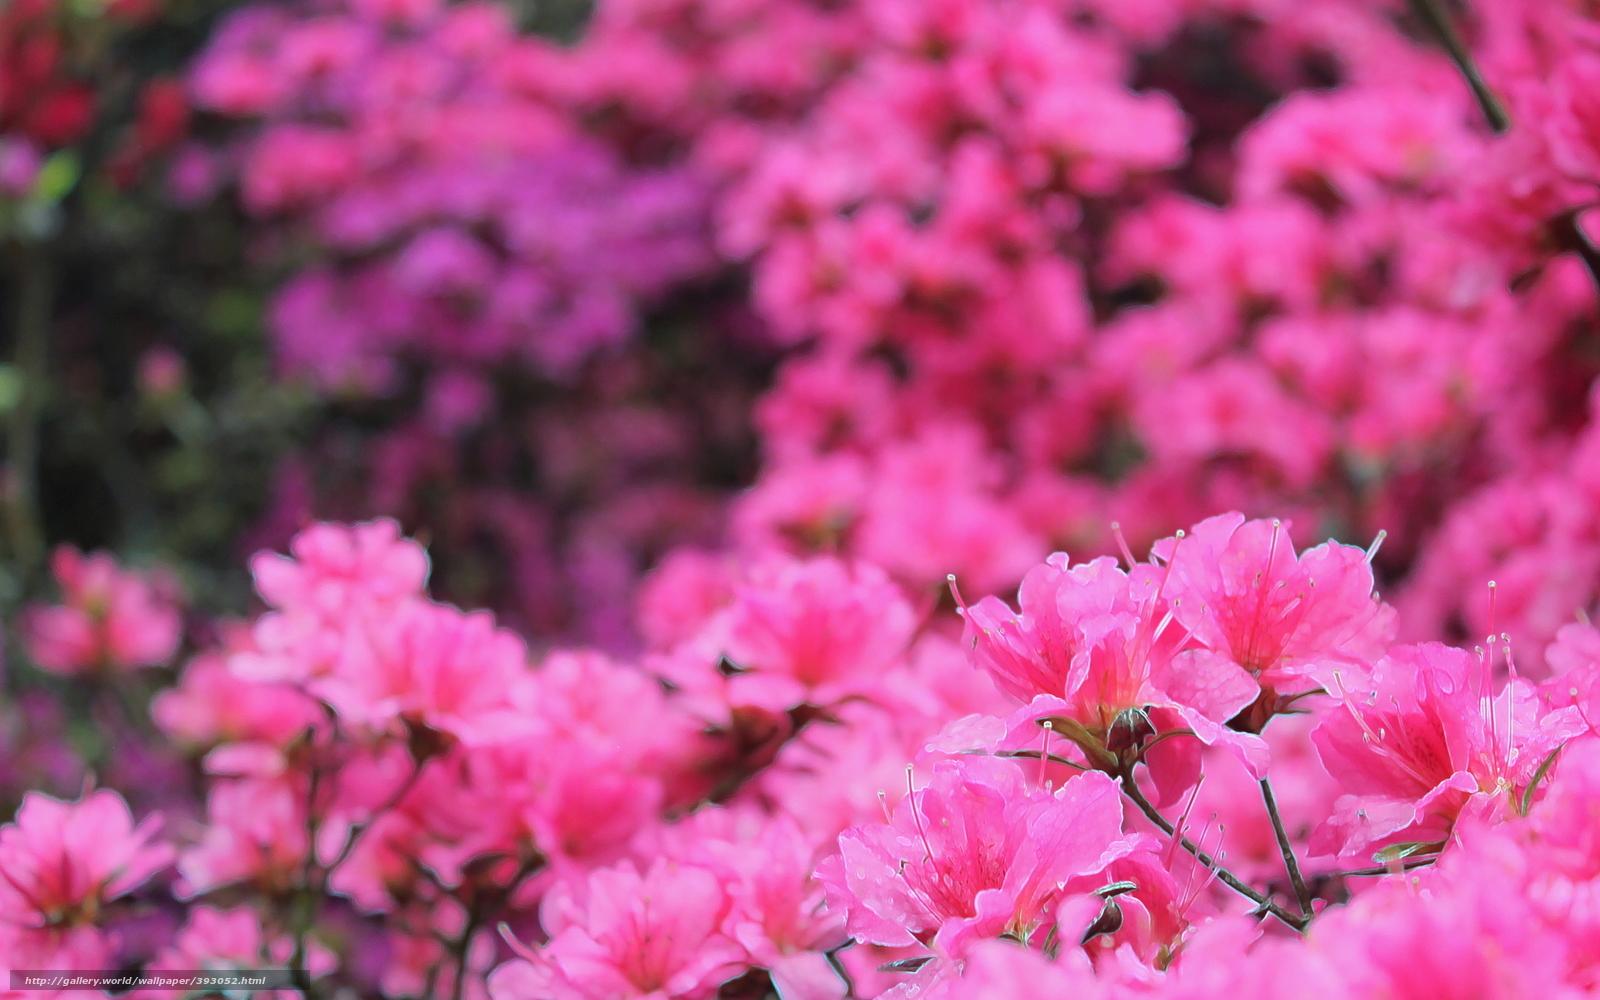 его картинки рабочий стол цветочки розовым время основания усадьбы